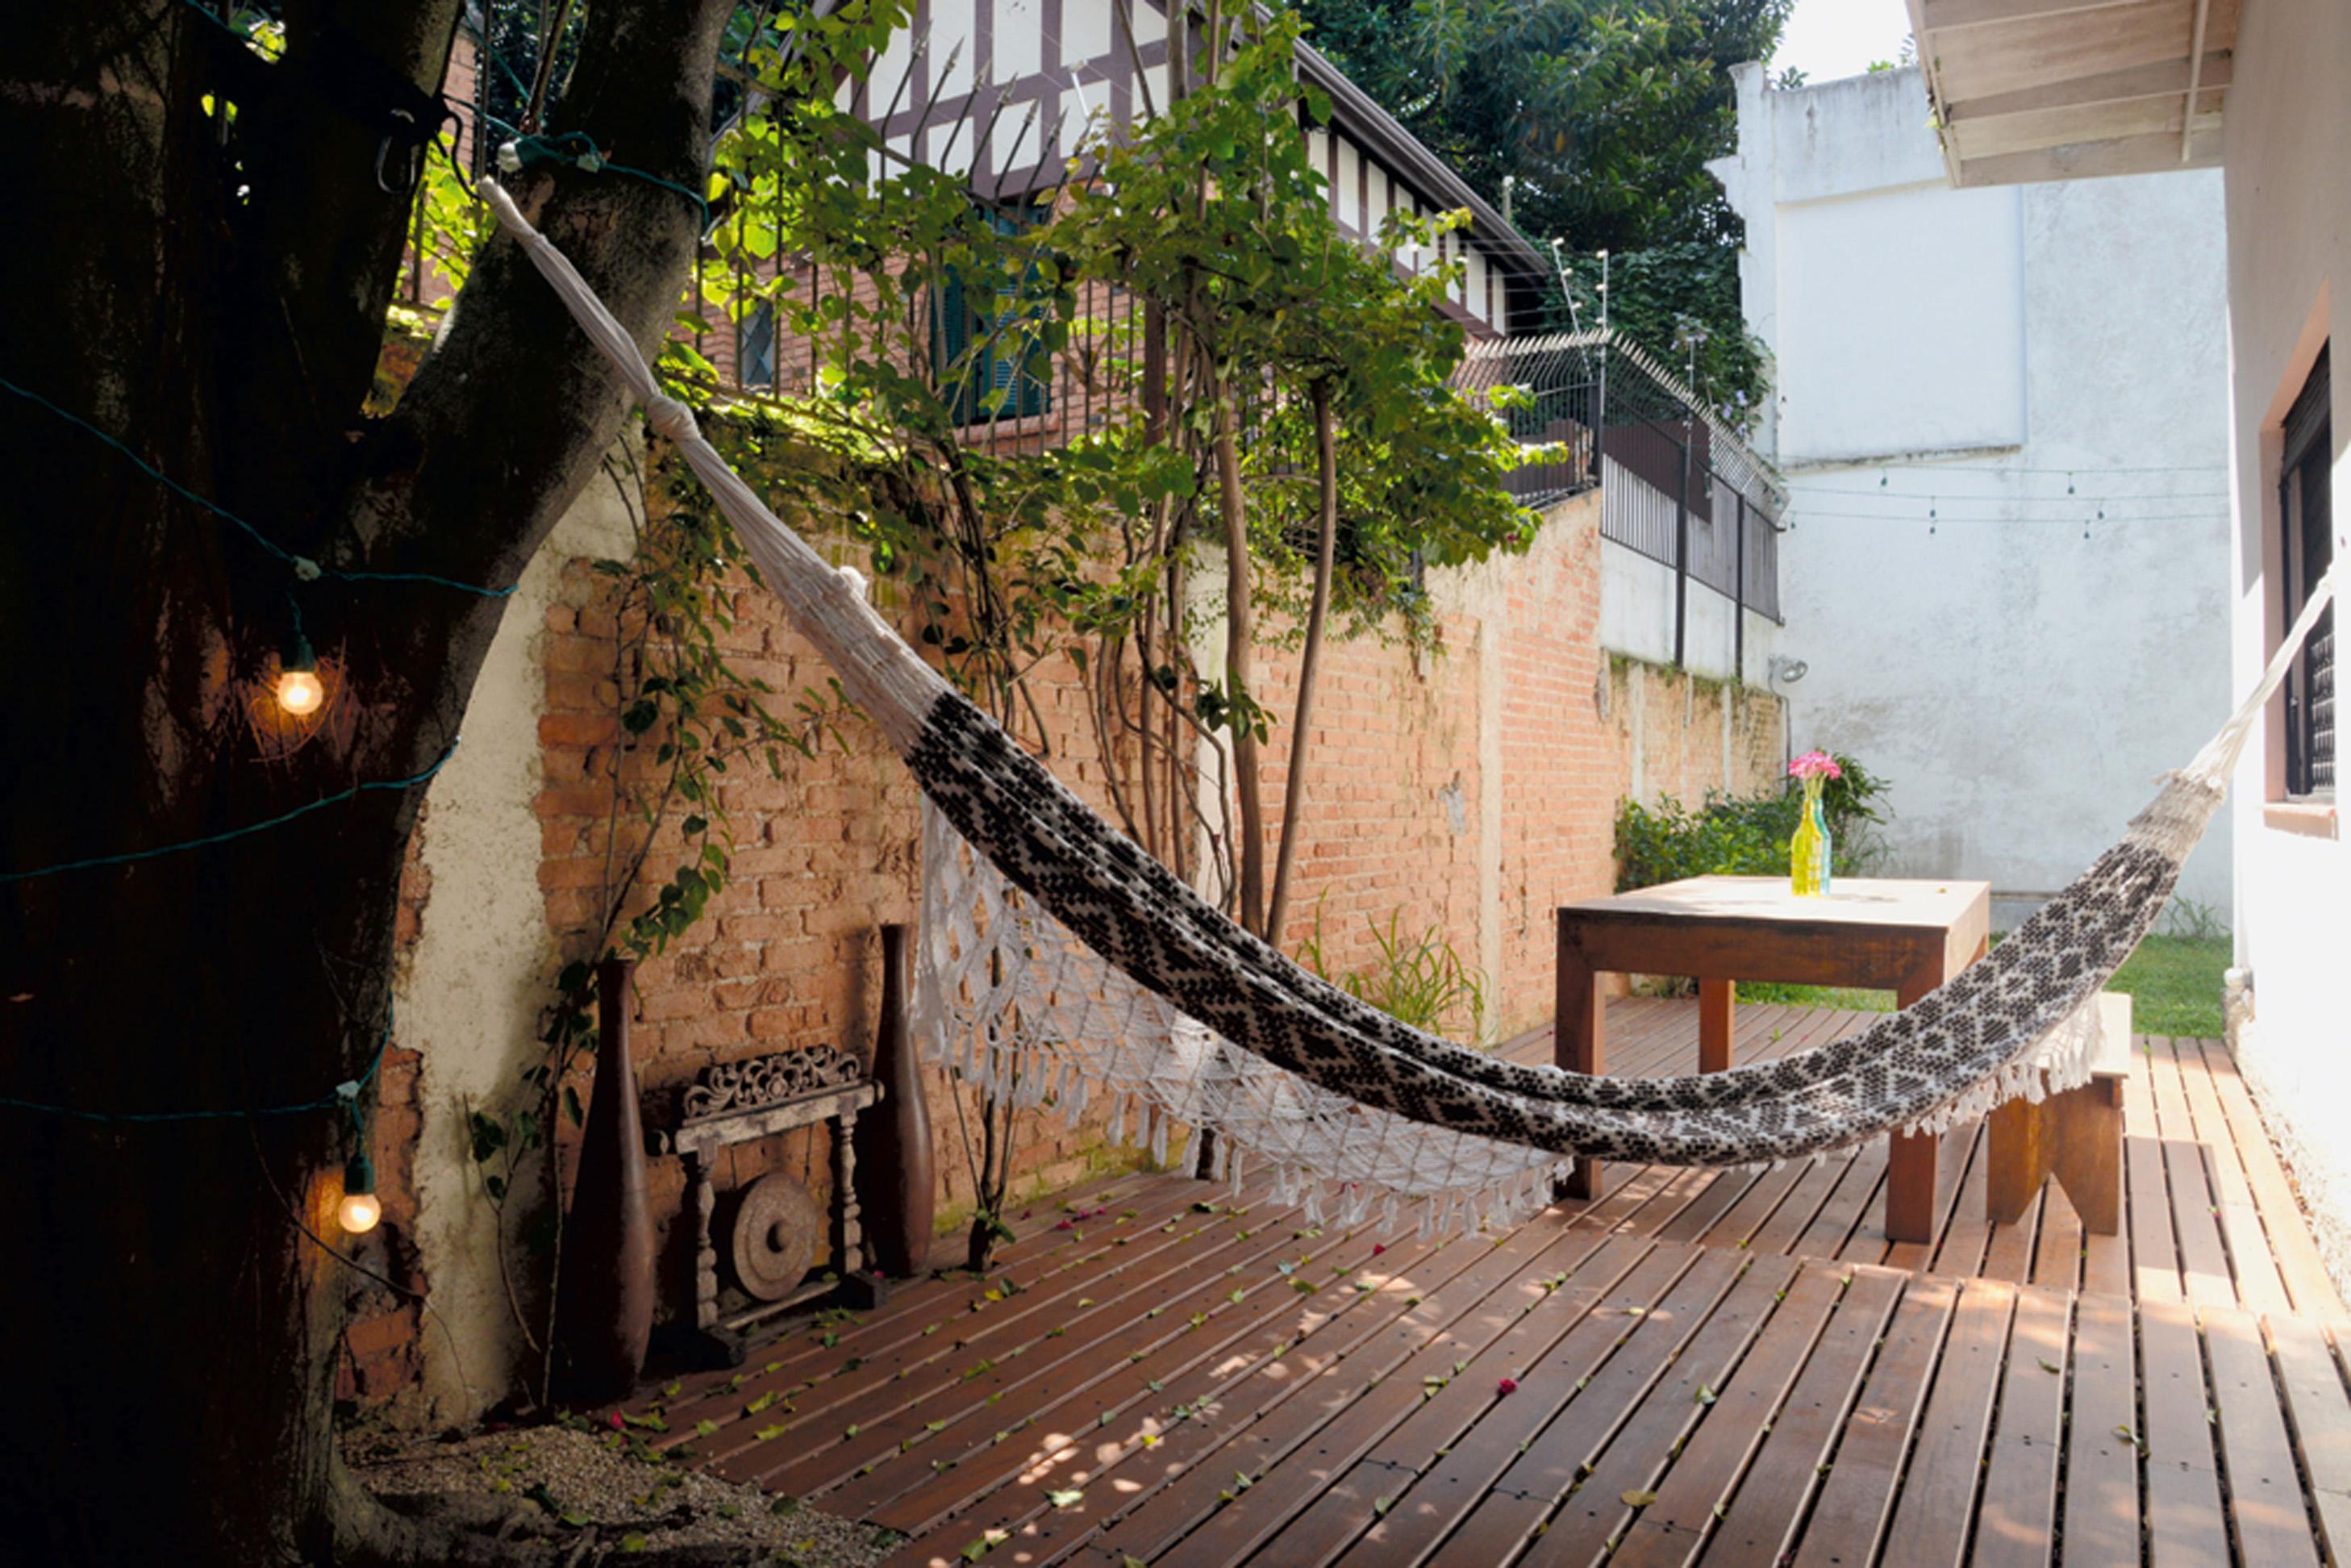 Para relaxar: Por ideia de um arquiteto amigo do casal, foi instalado um deck na lateral da casa, que acabou criando um cantinho a mais de convivência